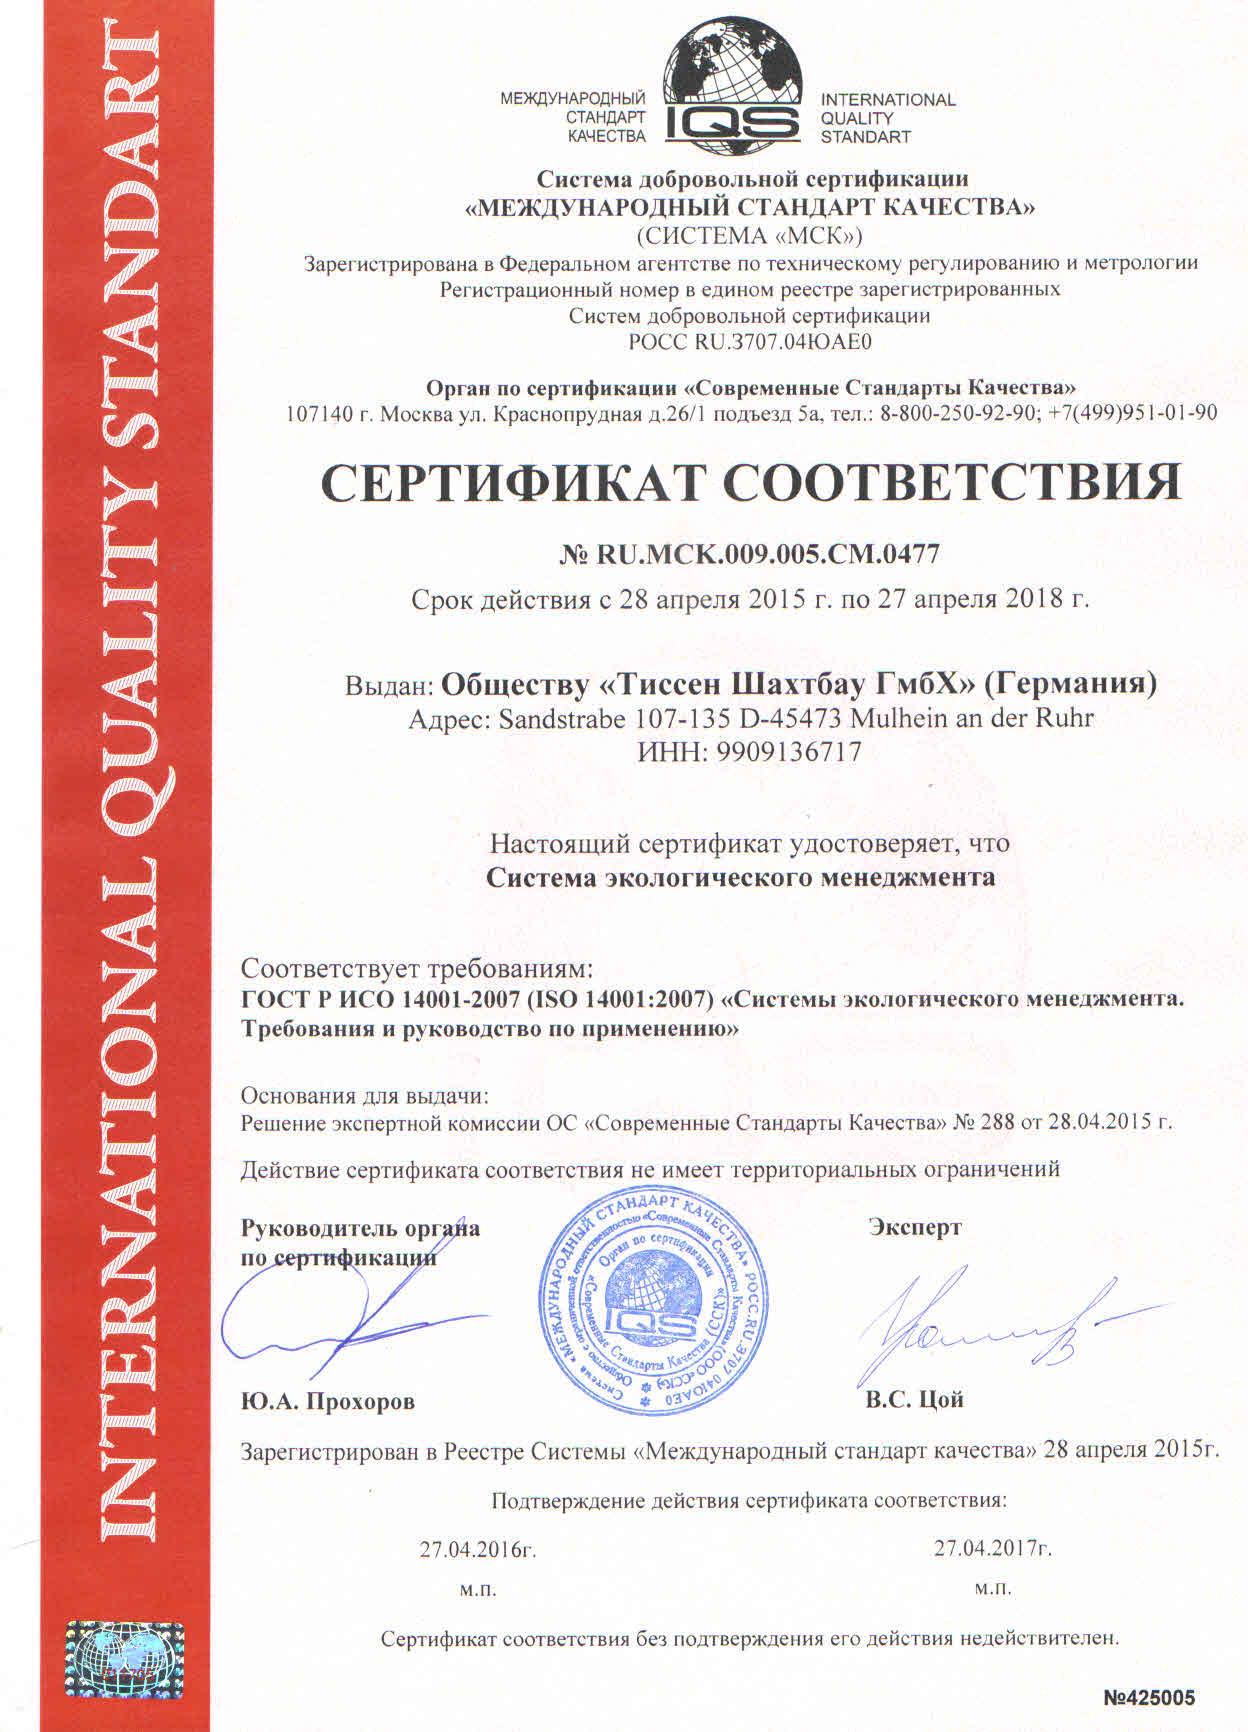 ИСО 14001 экологический менеджмент 2015 в Обнинске